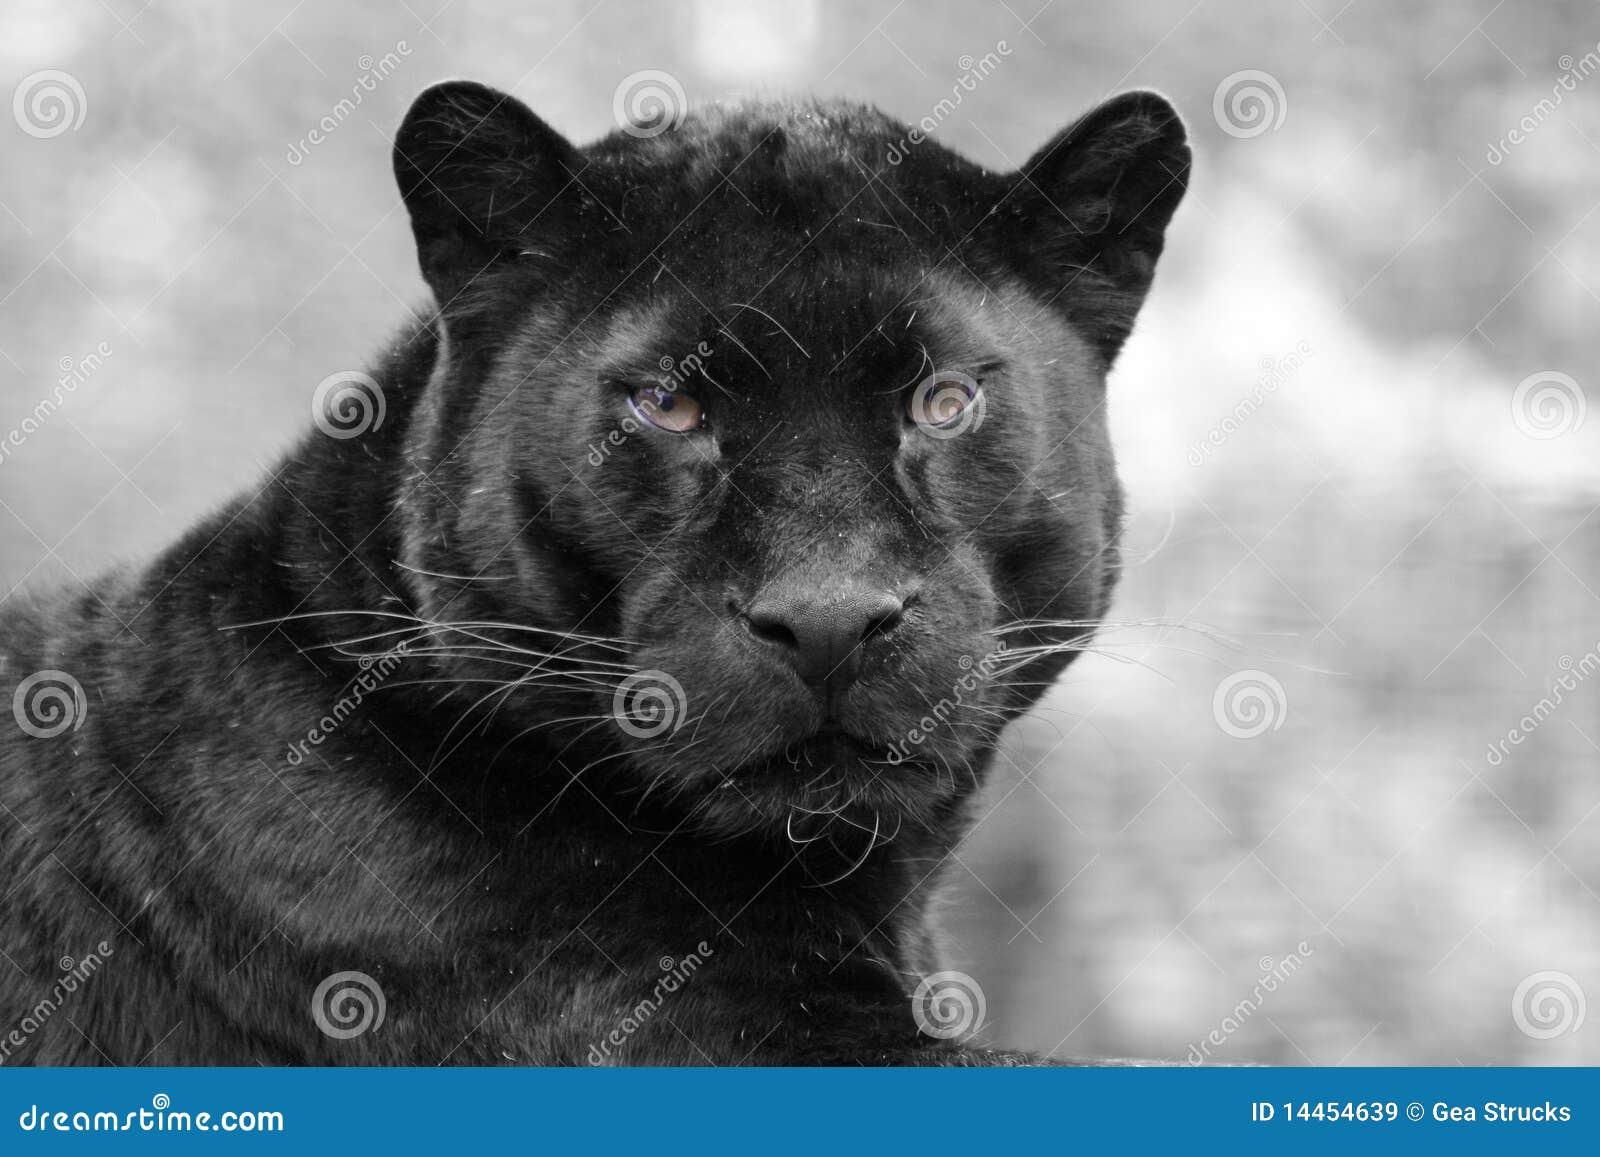 black jaguar clipart